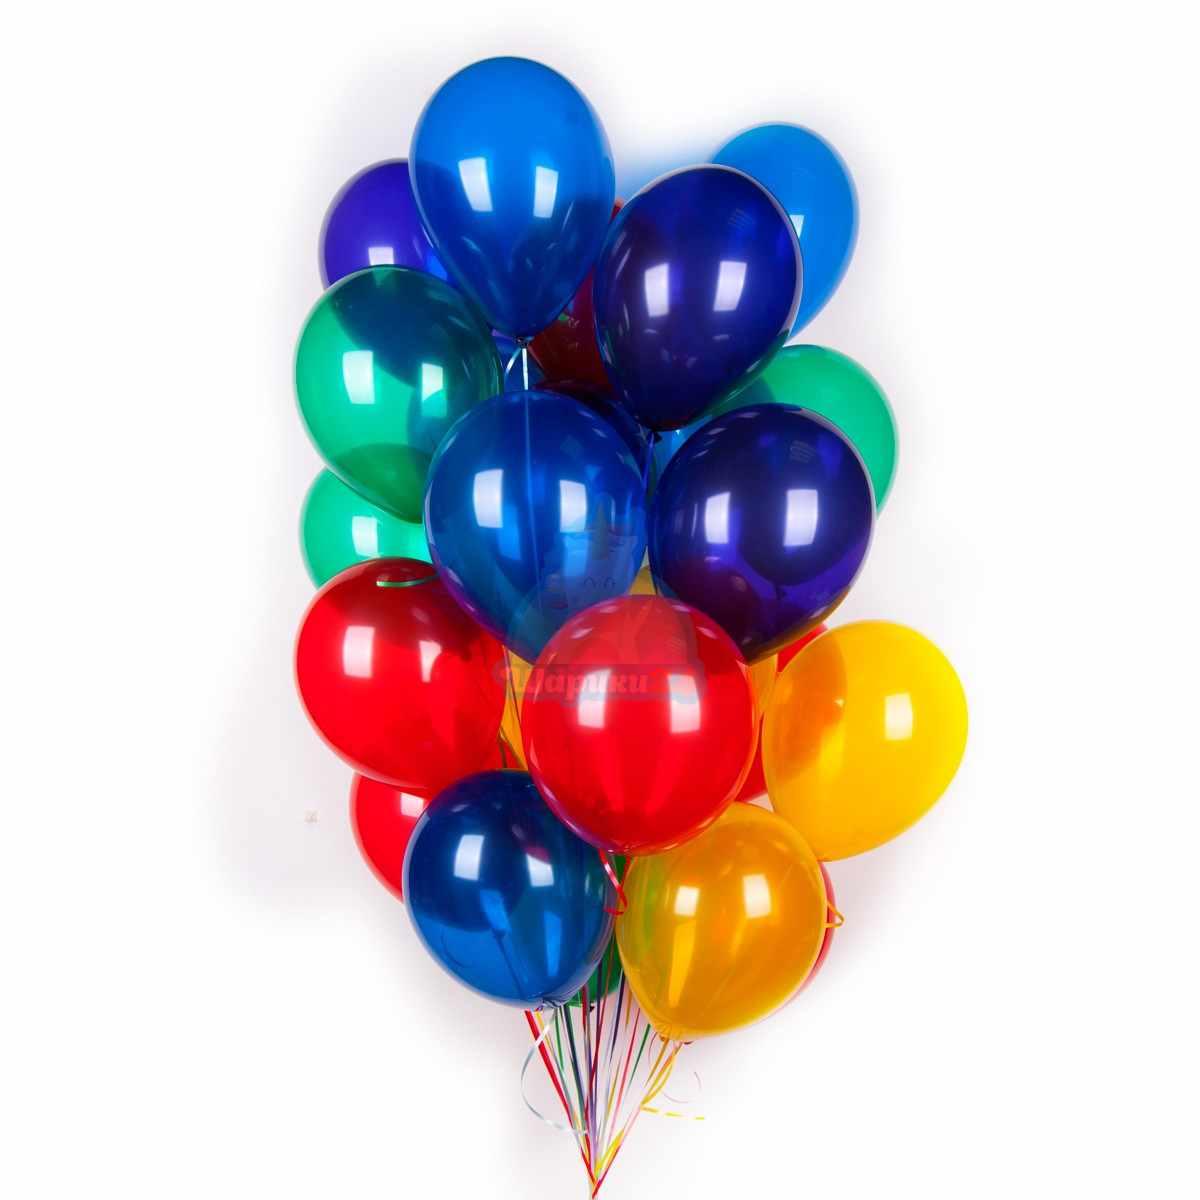 Прозрачные шары фото в интернет-магазине Шарики 24